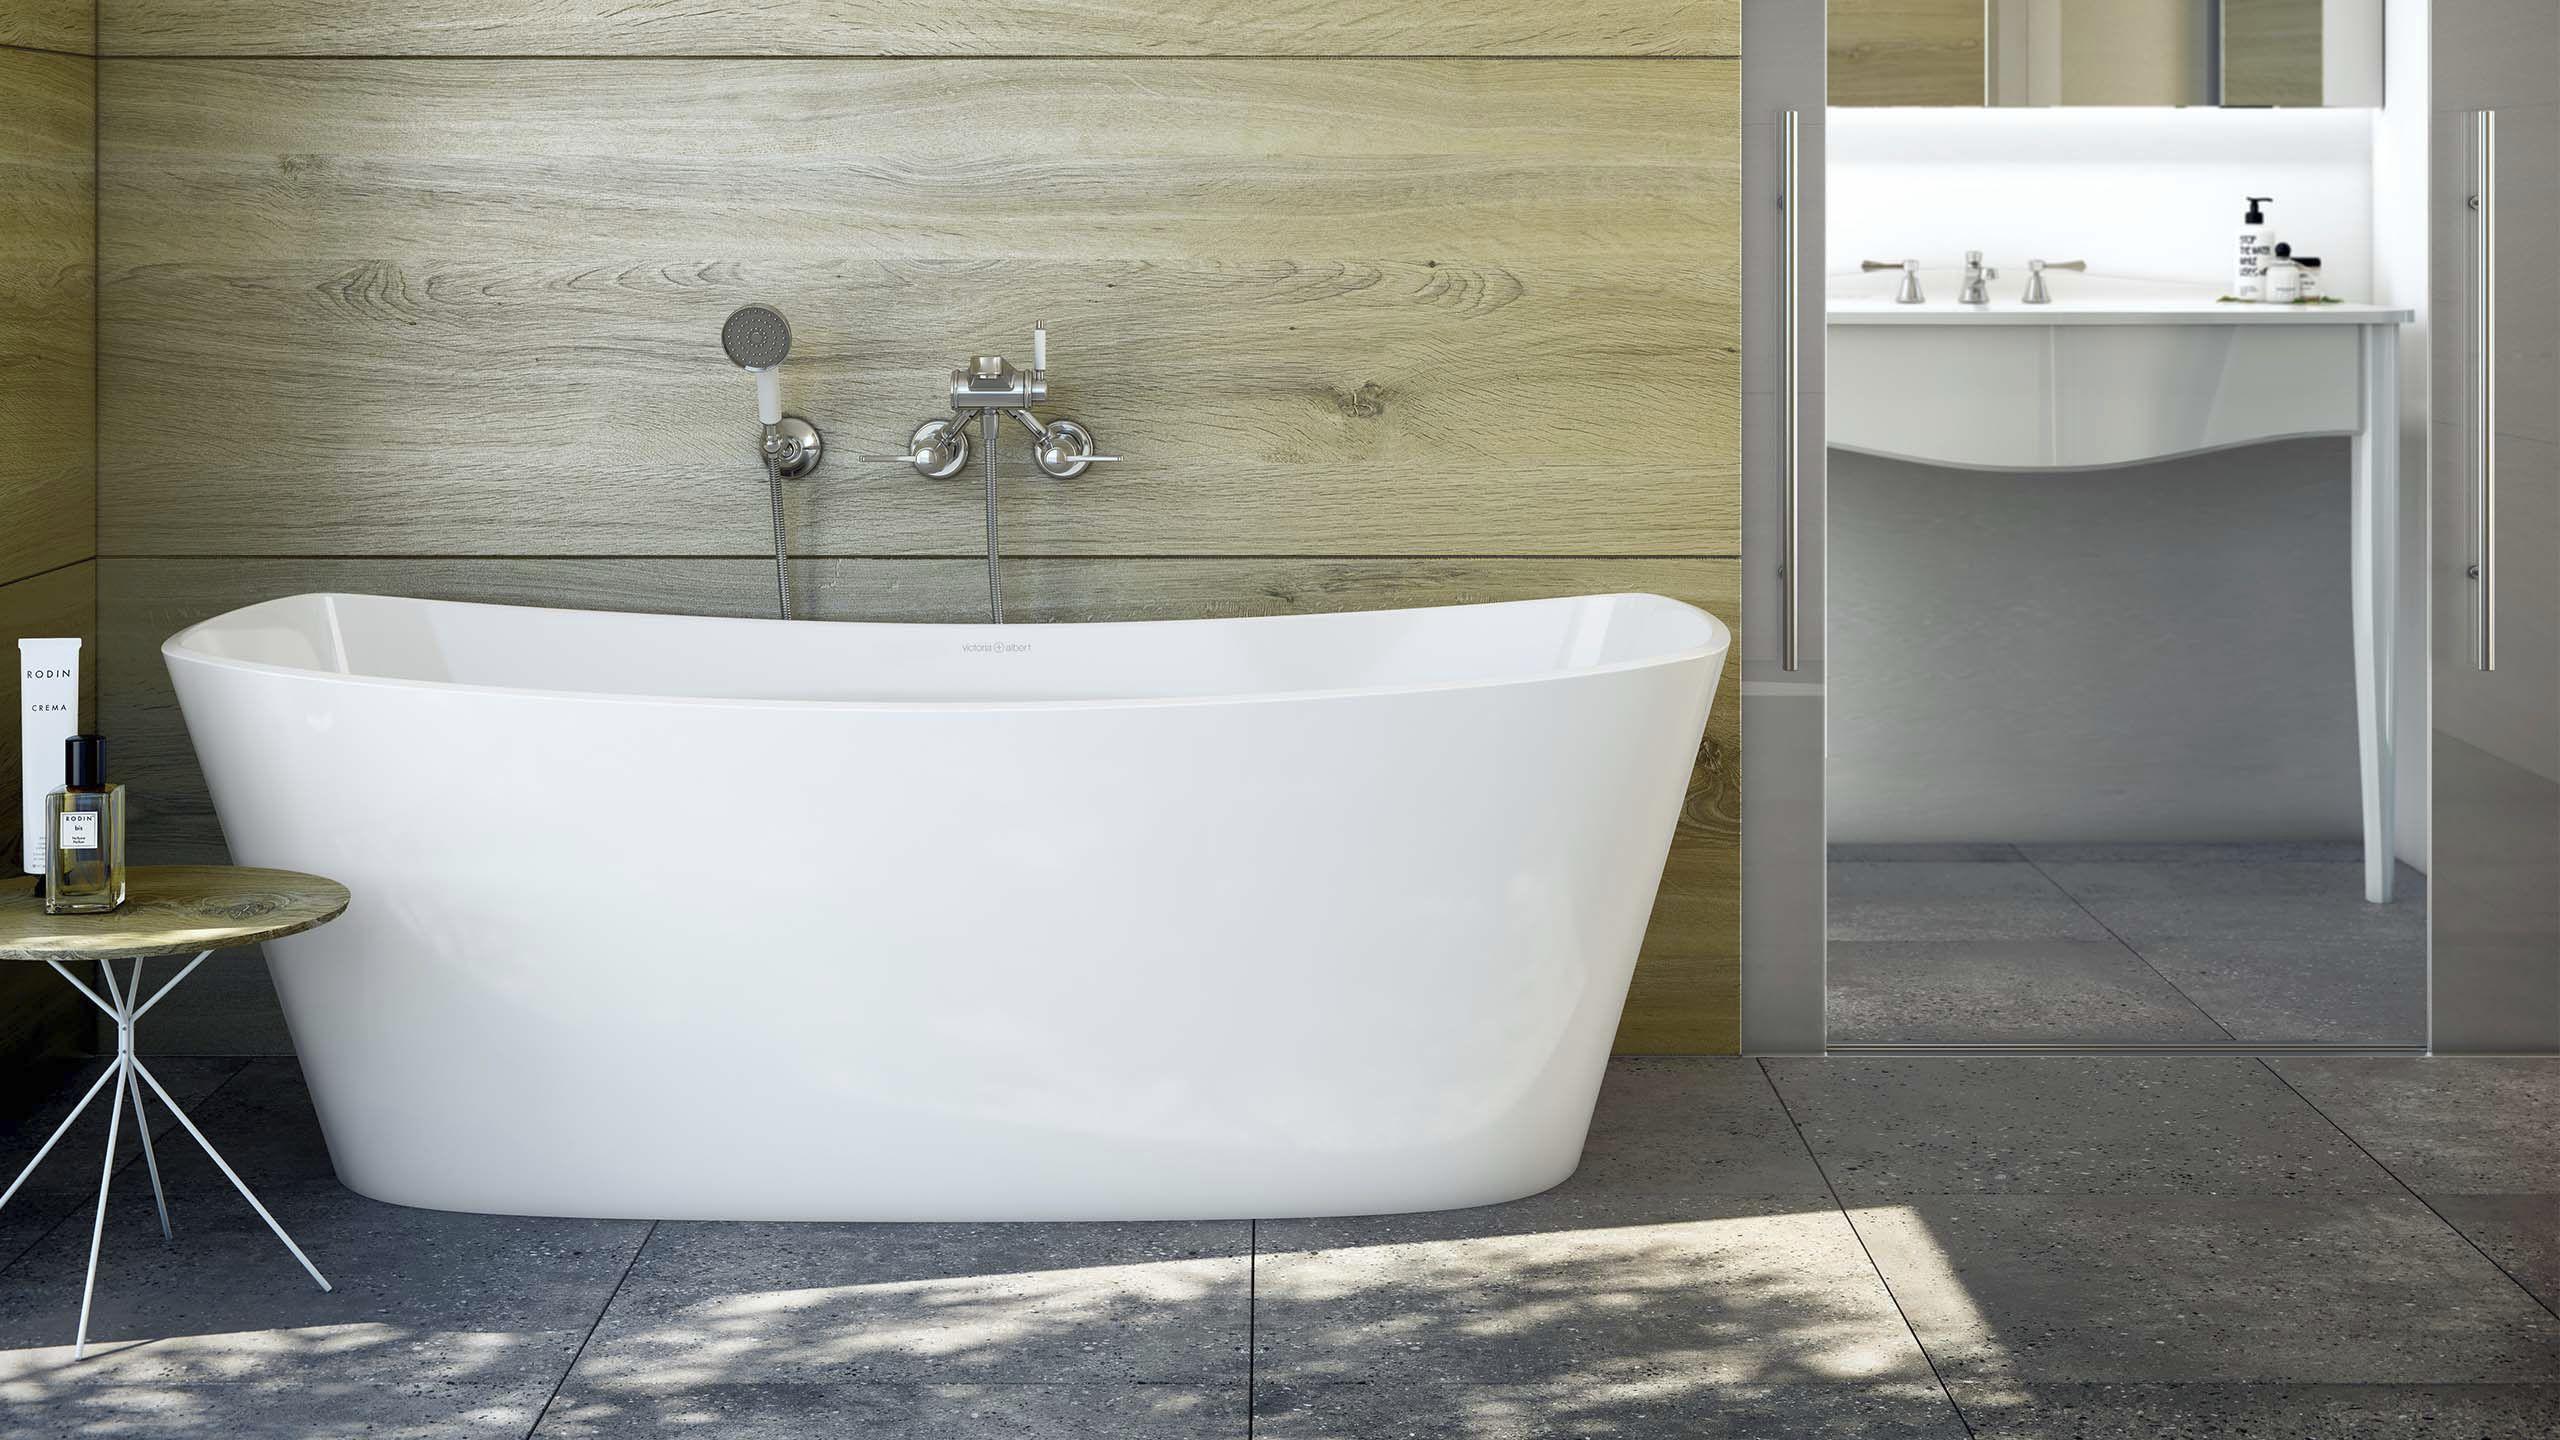 Vasca Da Bagno Resina : Vasca da bagno ad isola in resina in pietra calcarea doppia